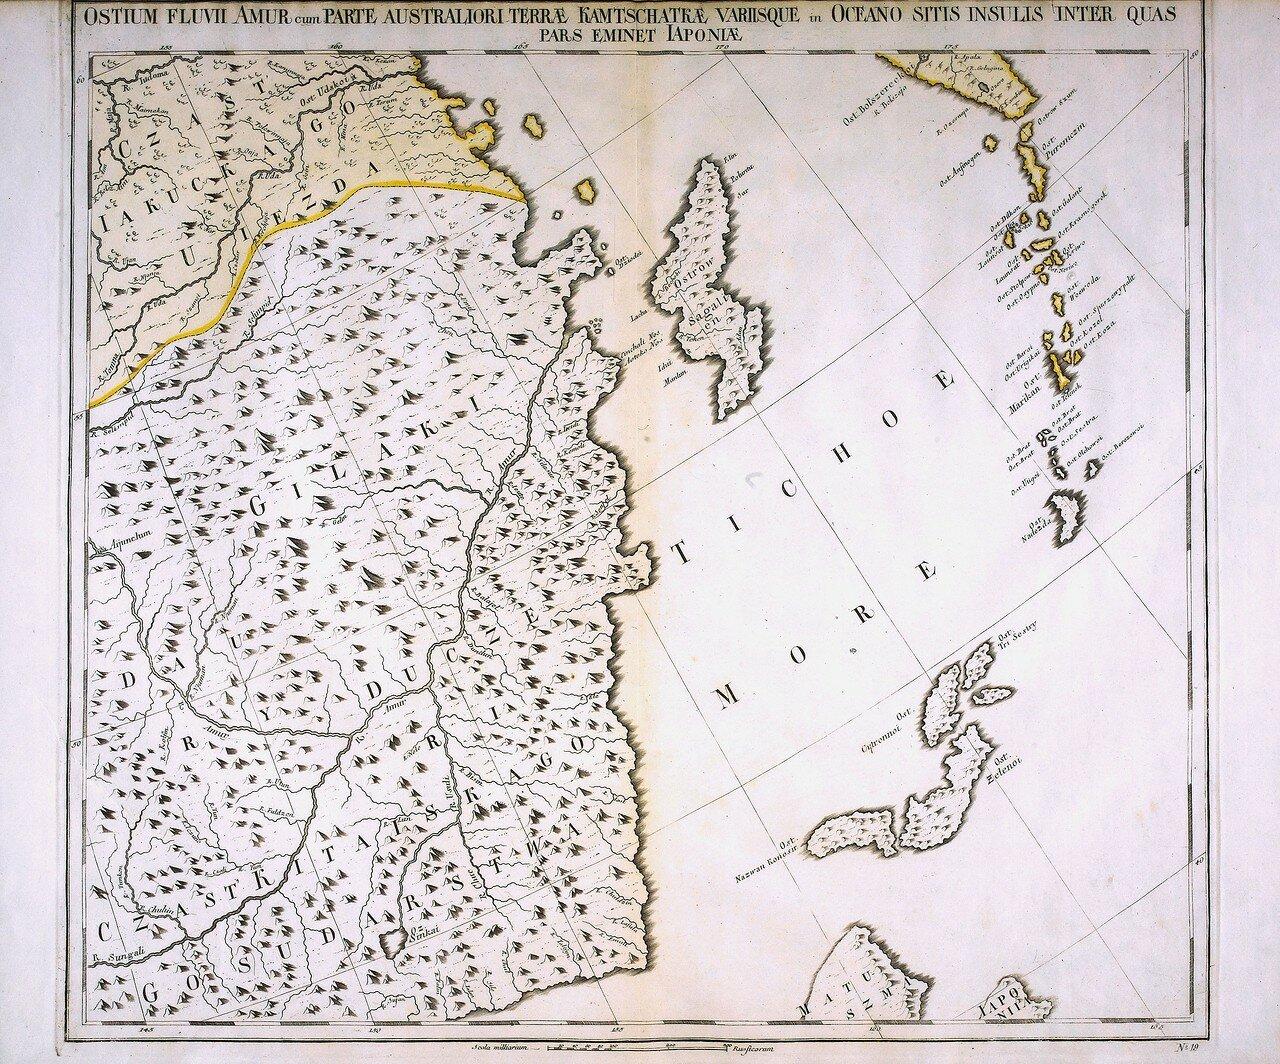 1745. Южная часть реки Амур, Камчатка и различные острова в океане, частично включающие в себя и японскую территорию